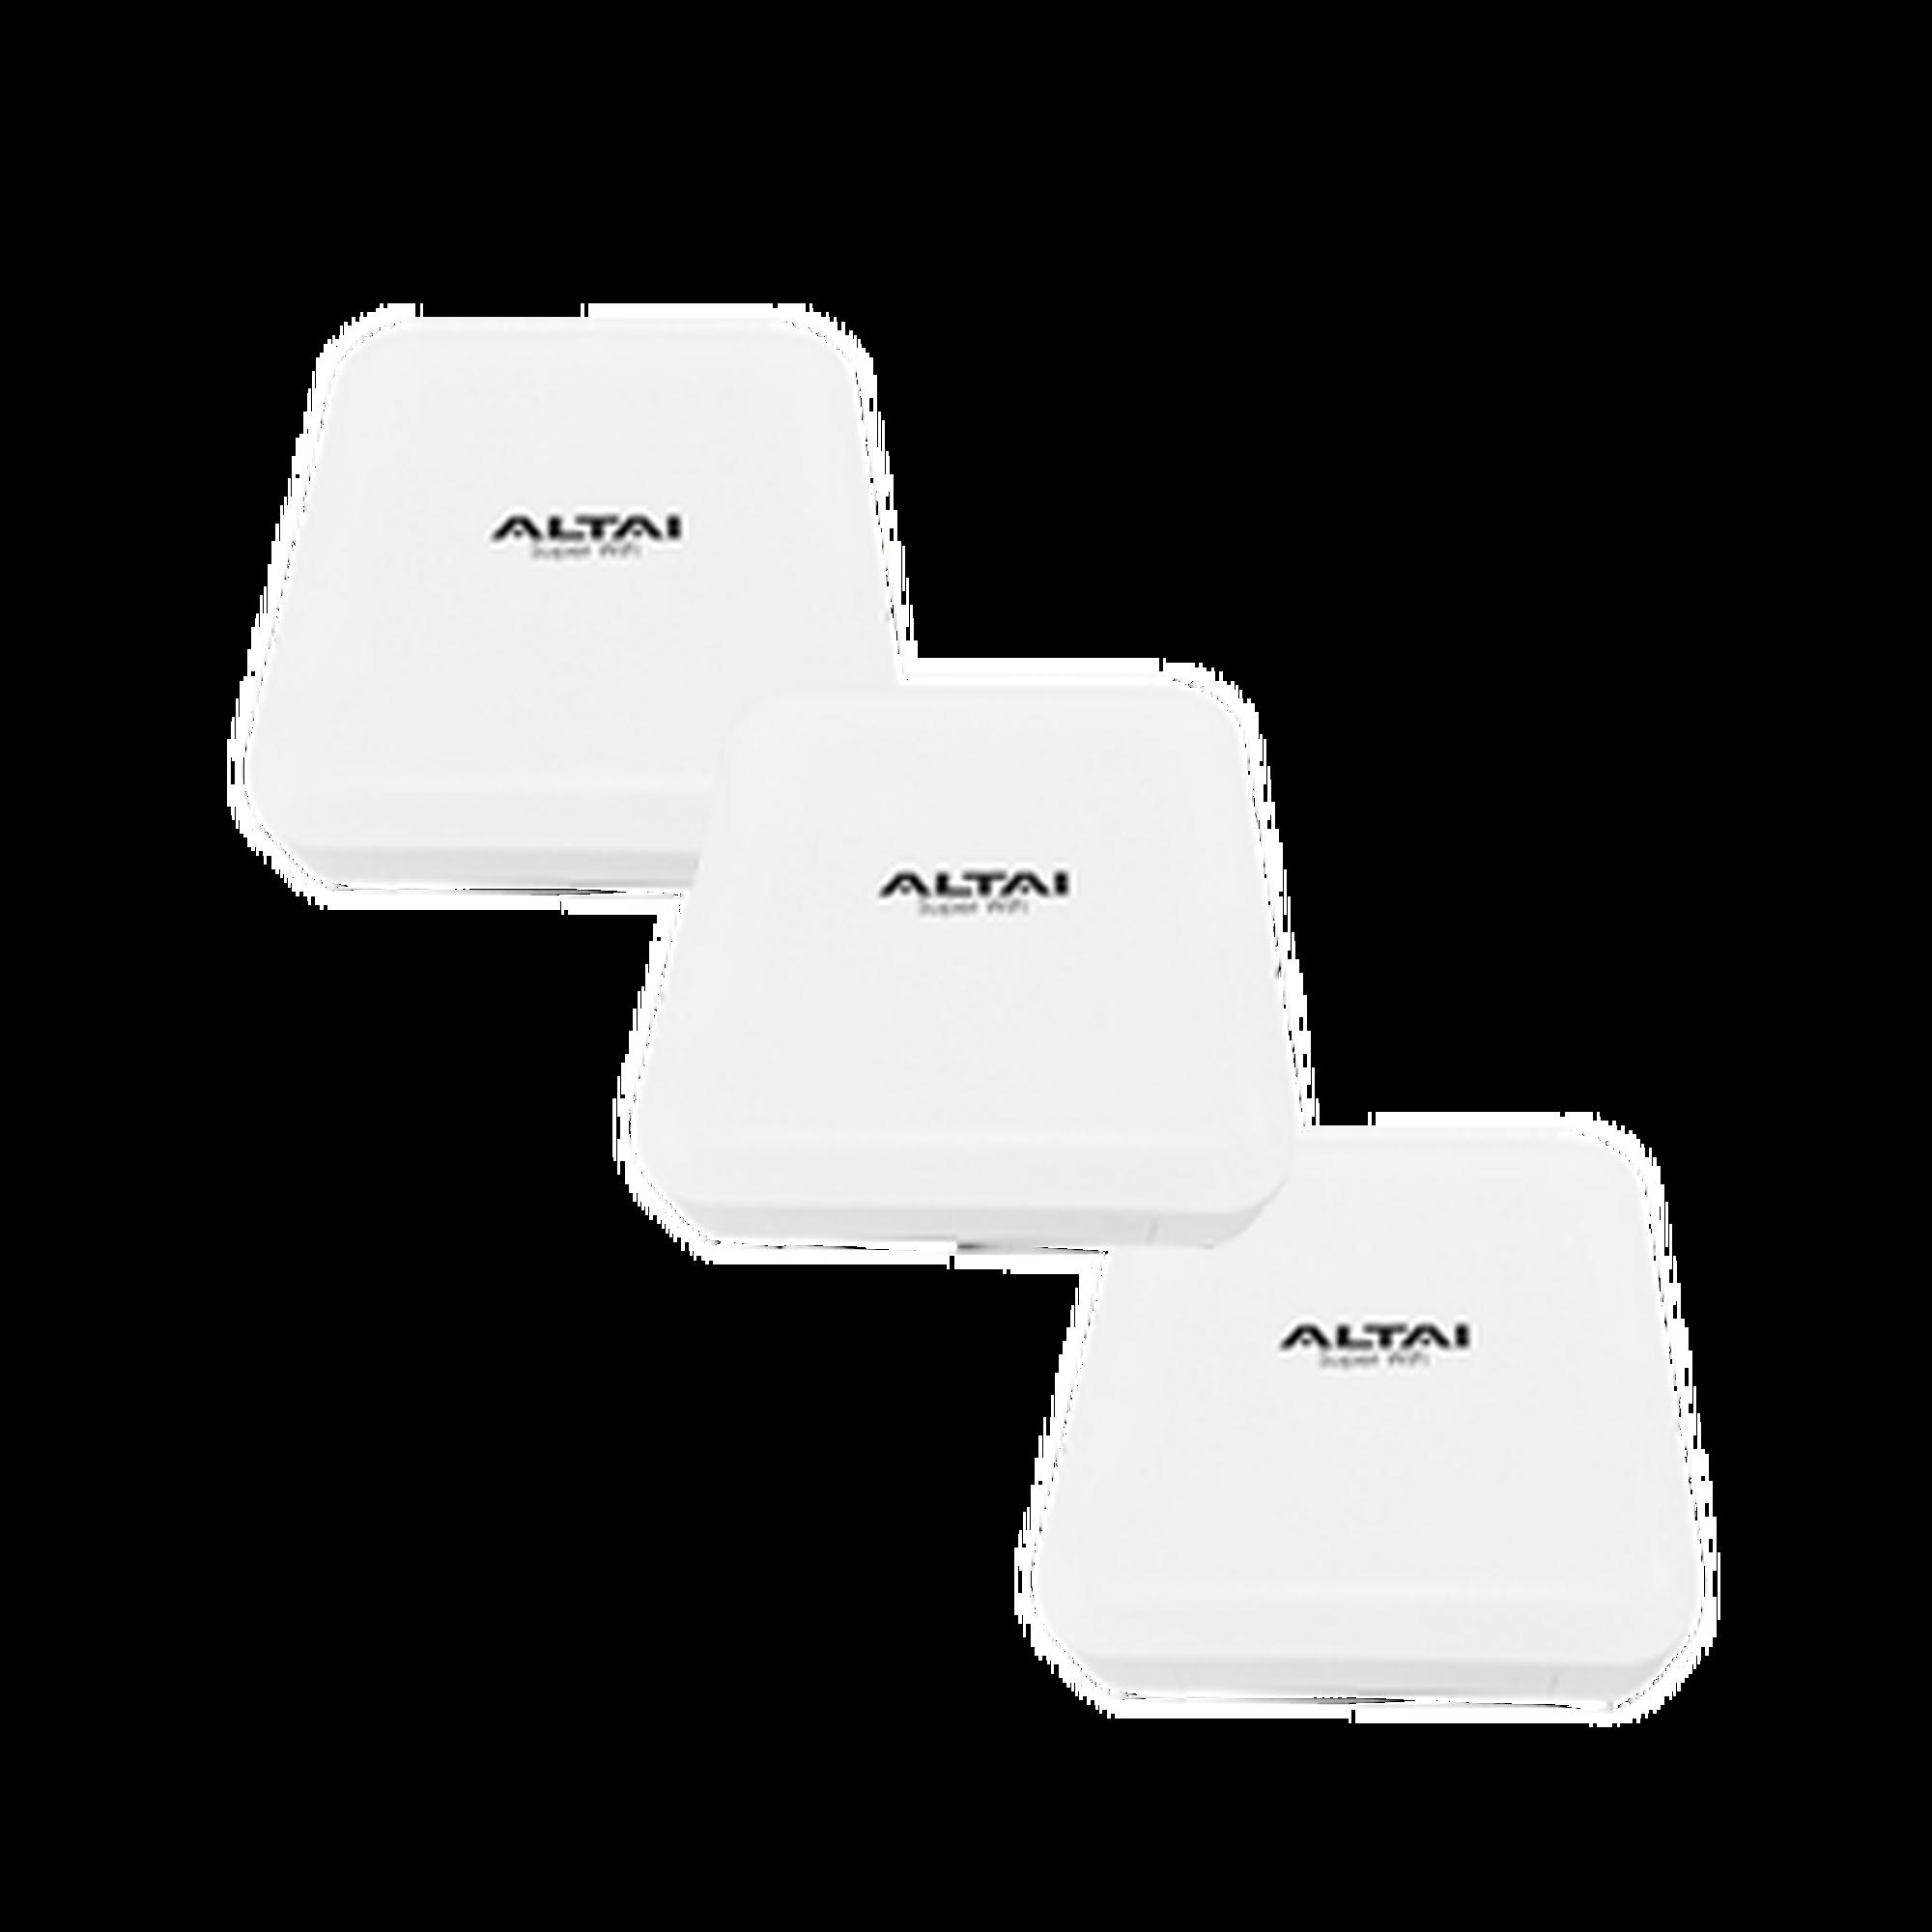 Kit IX500 c/3 equipos/ Super WiFi Punto de Acceso WAVE-2 / Gran Cobertura en Interiores